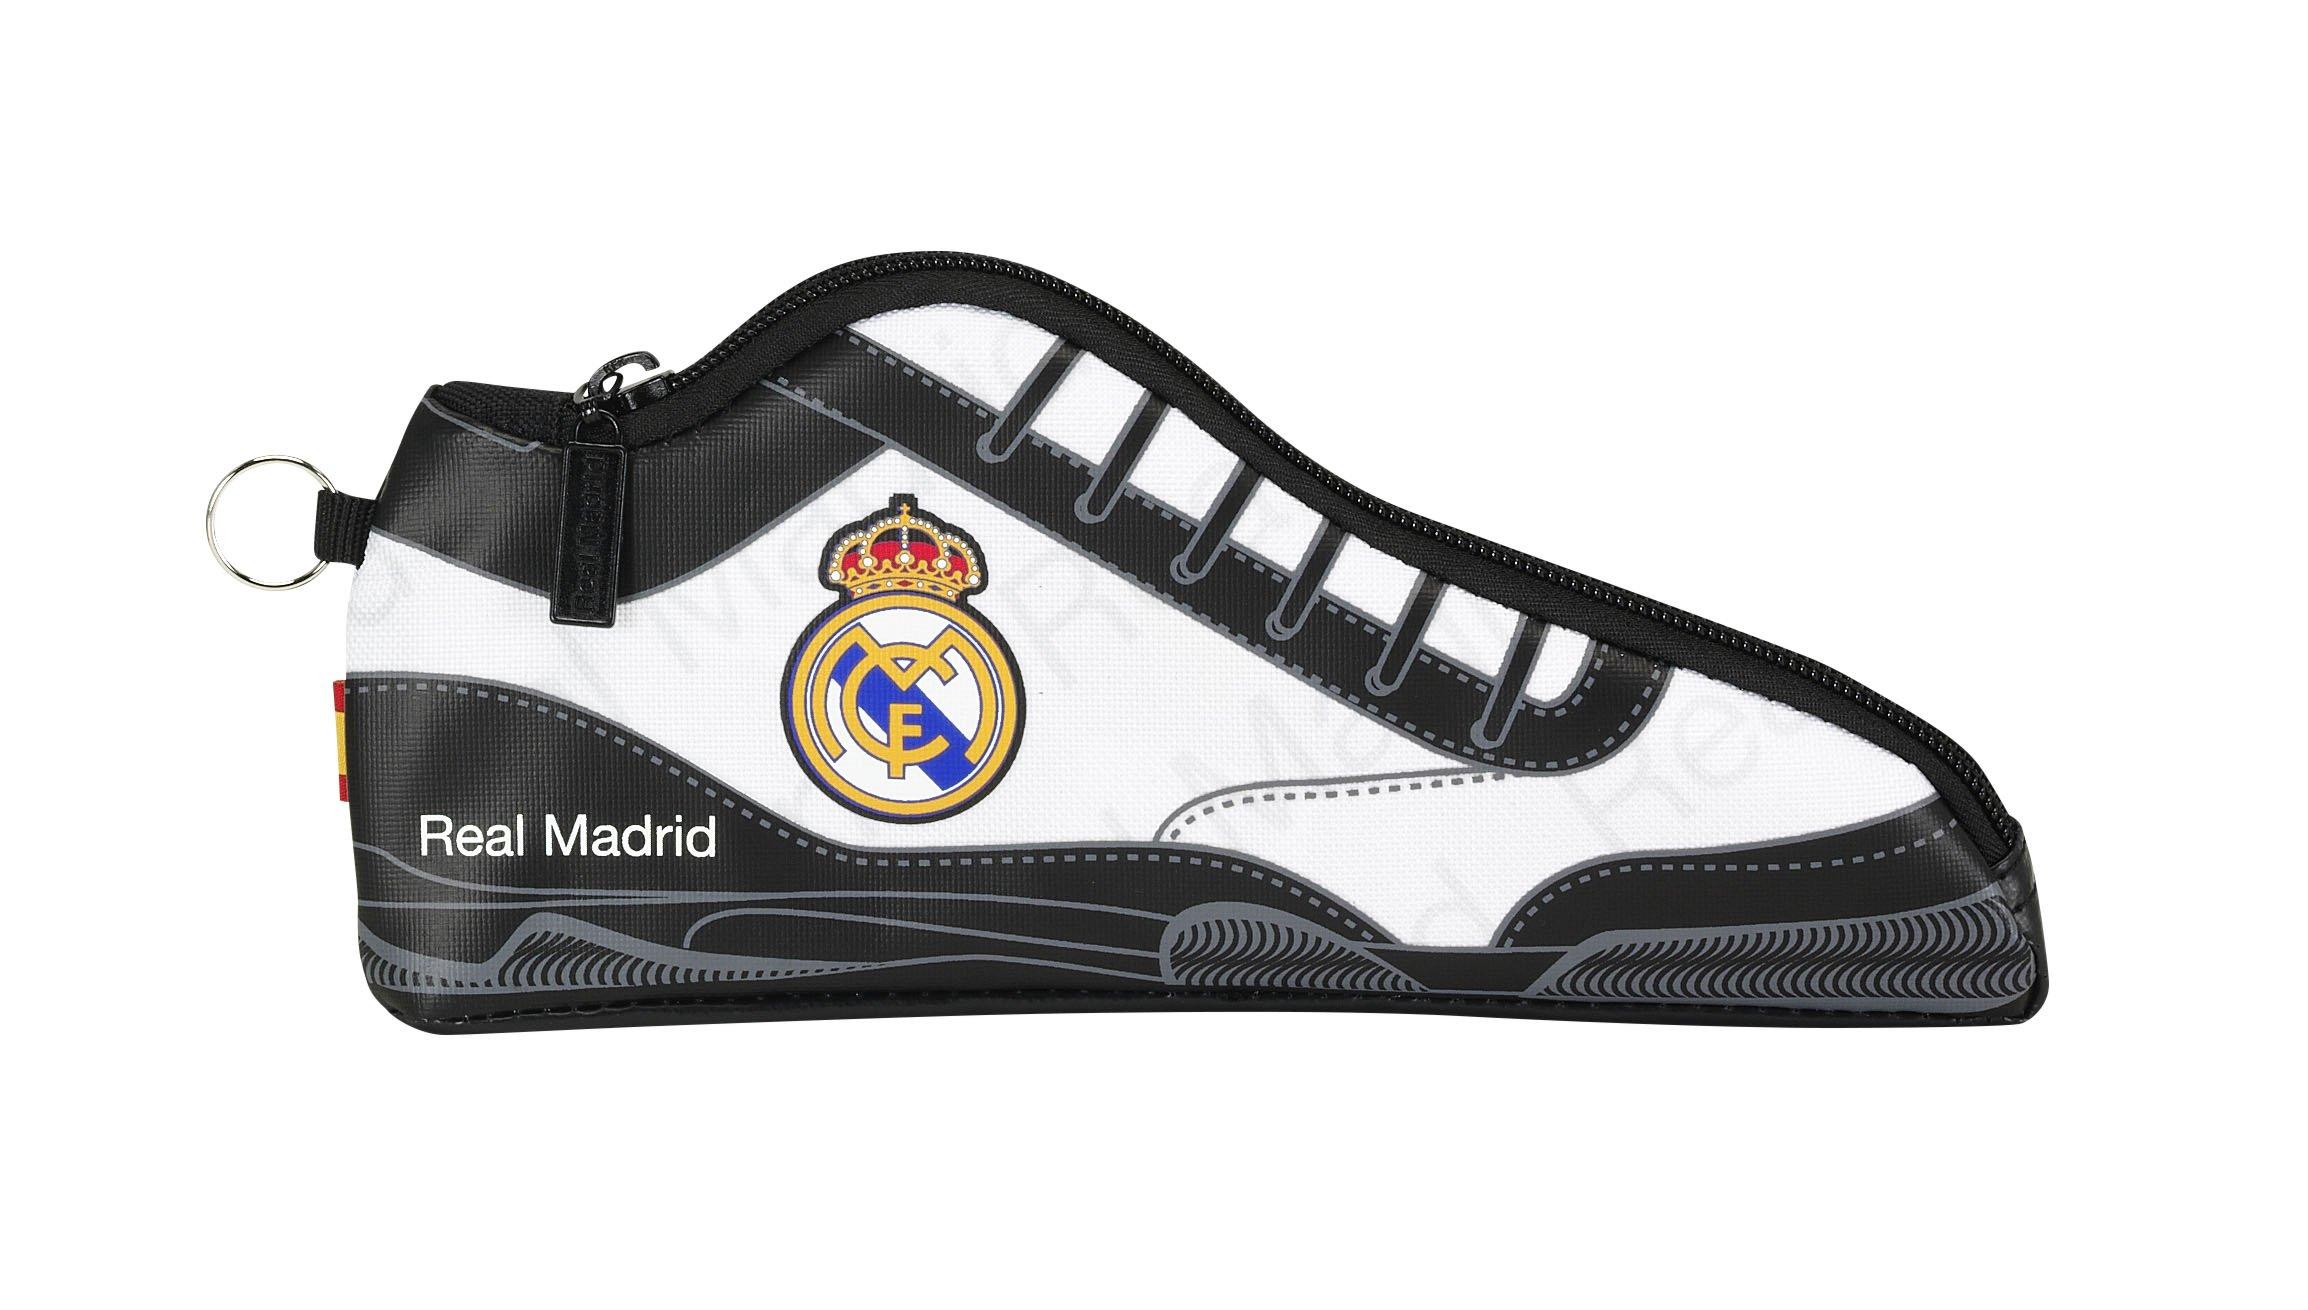 Real Madrid ST811557584 Portatodo Zapatilla (SAFTA 811557584), Unisex niños, RM 2ª Equip Multicolor, 24 cm: Amazon.es: Juguetes y juegos